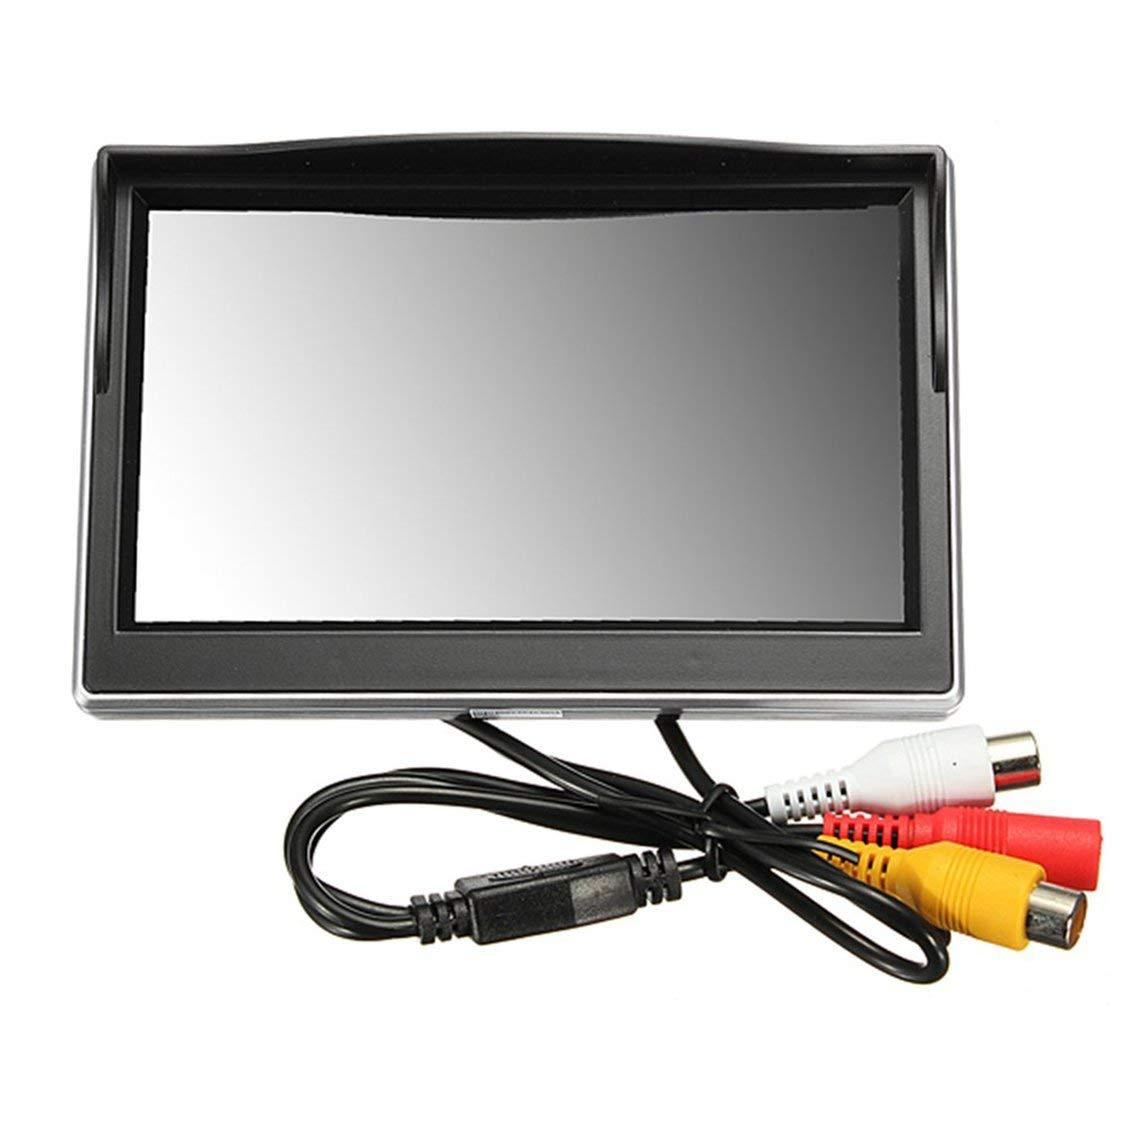 Footprintse Monitor per Auto da 5 Pollici TFT LCD HD Digitale 5 Nero 3 800 480 Schermo Display Vista Posteriore Backup Specchio retrovisore Monitor-Colore